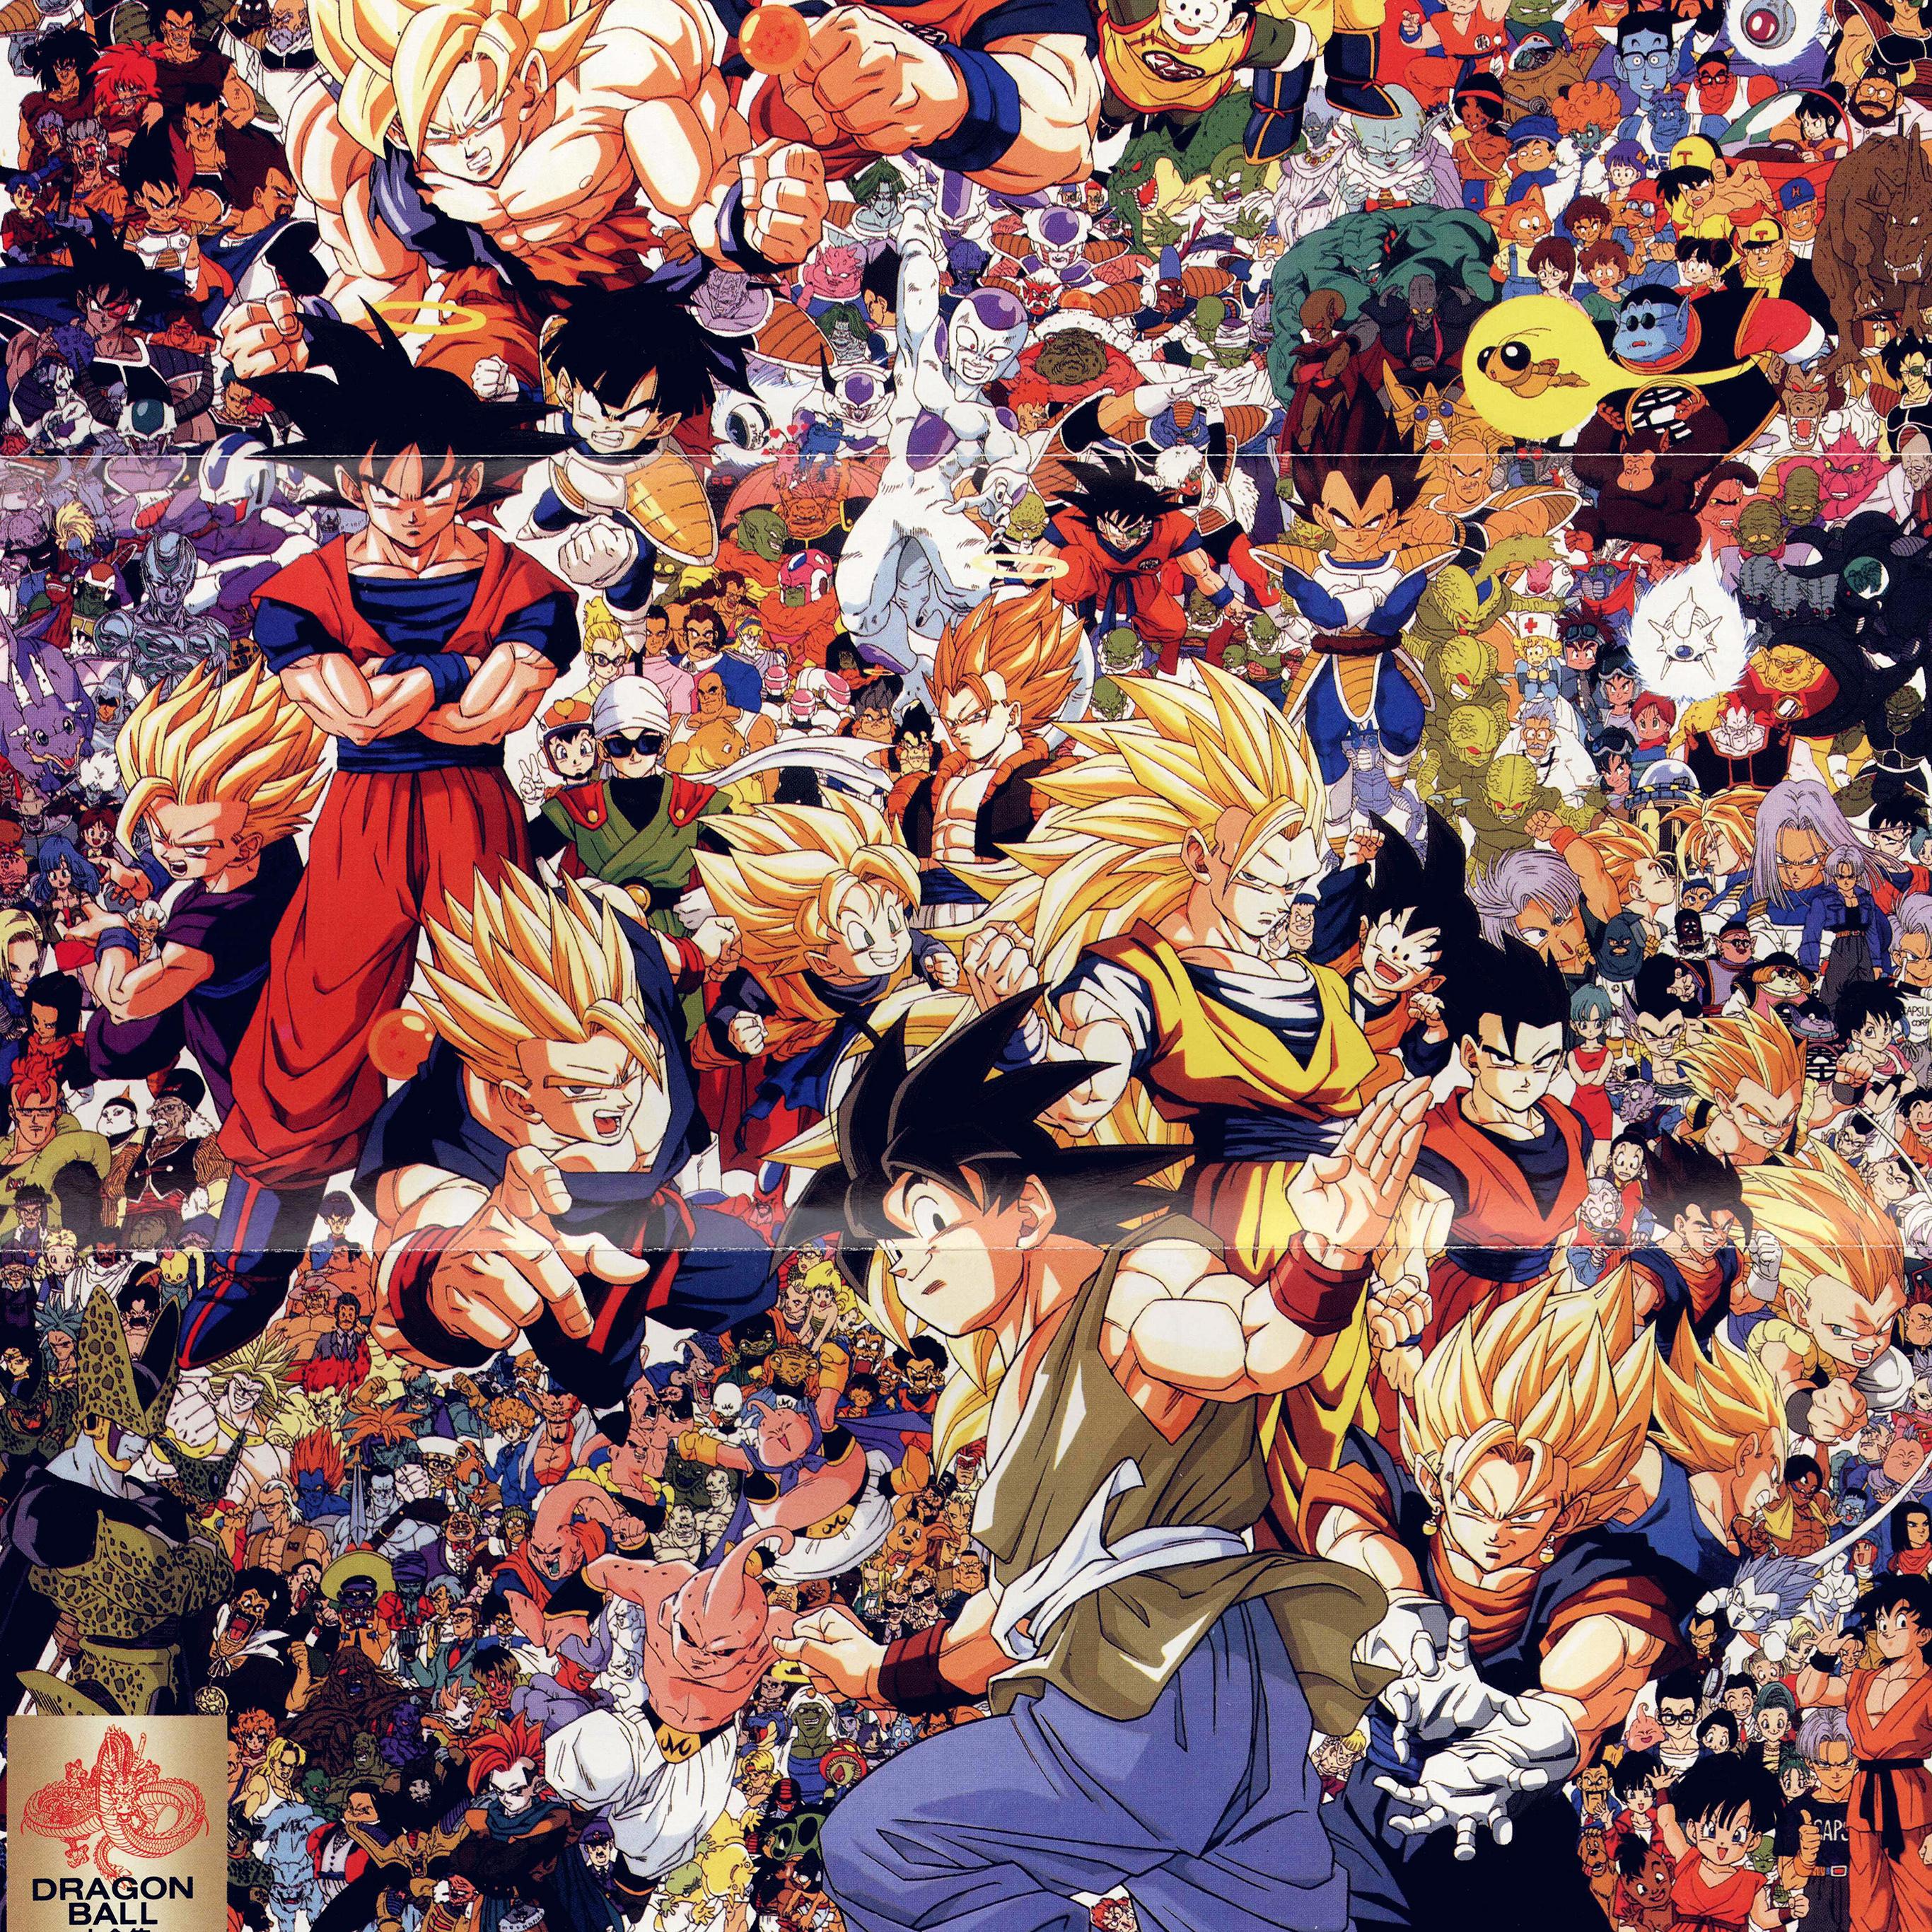 Ao47 Dragonball Full Art Illust Game Anime Papers Co